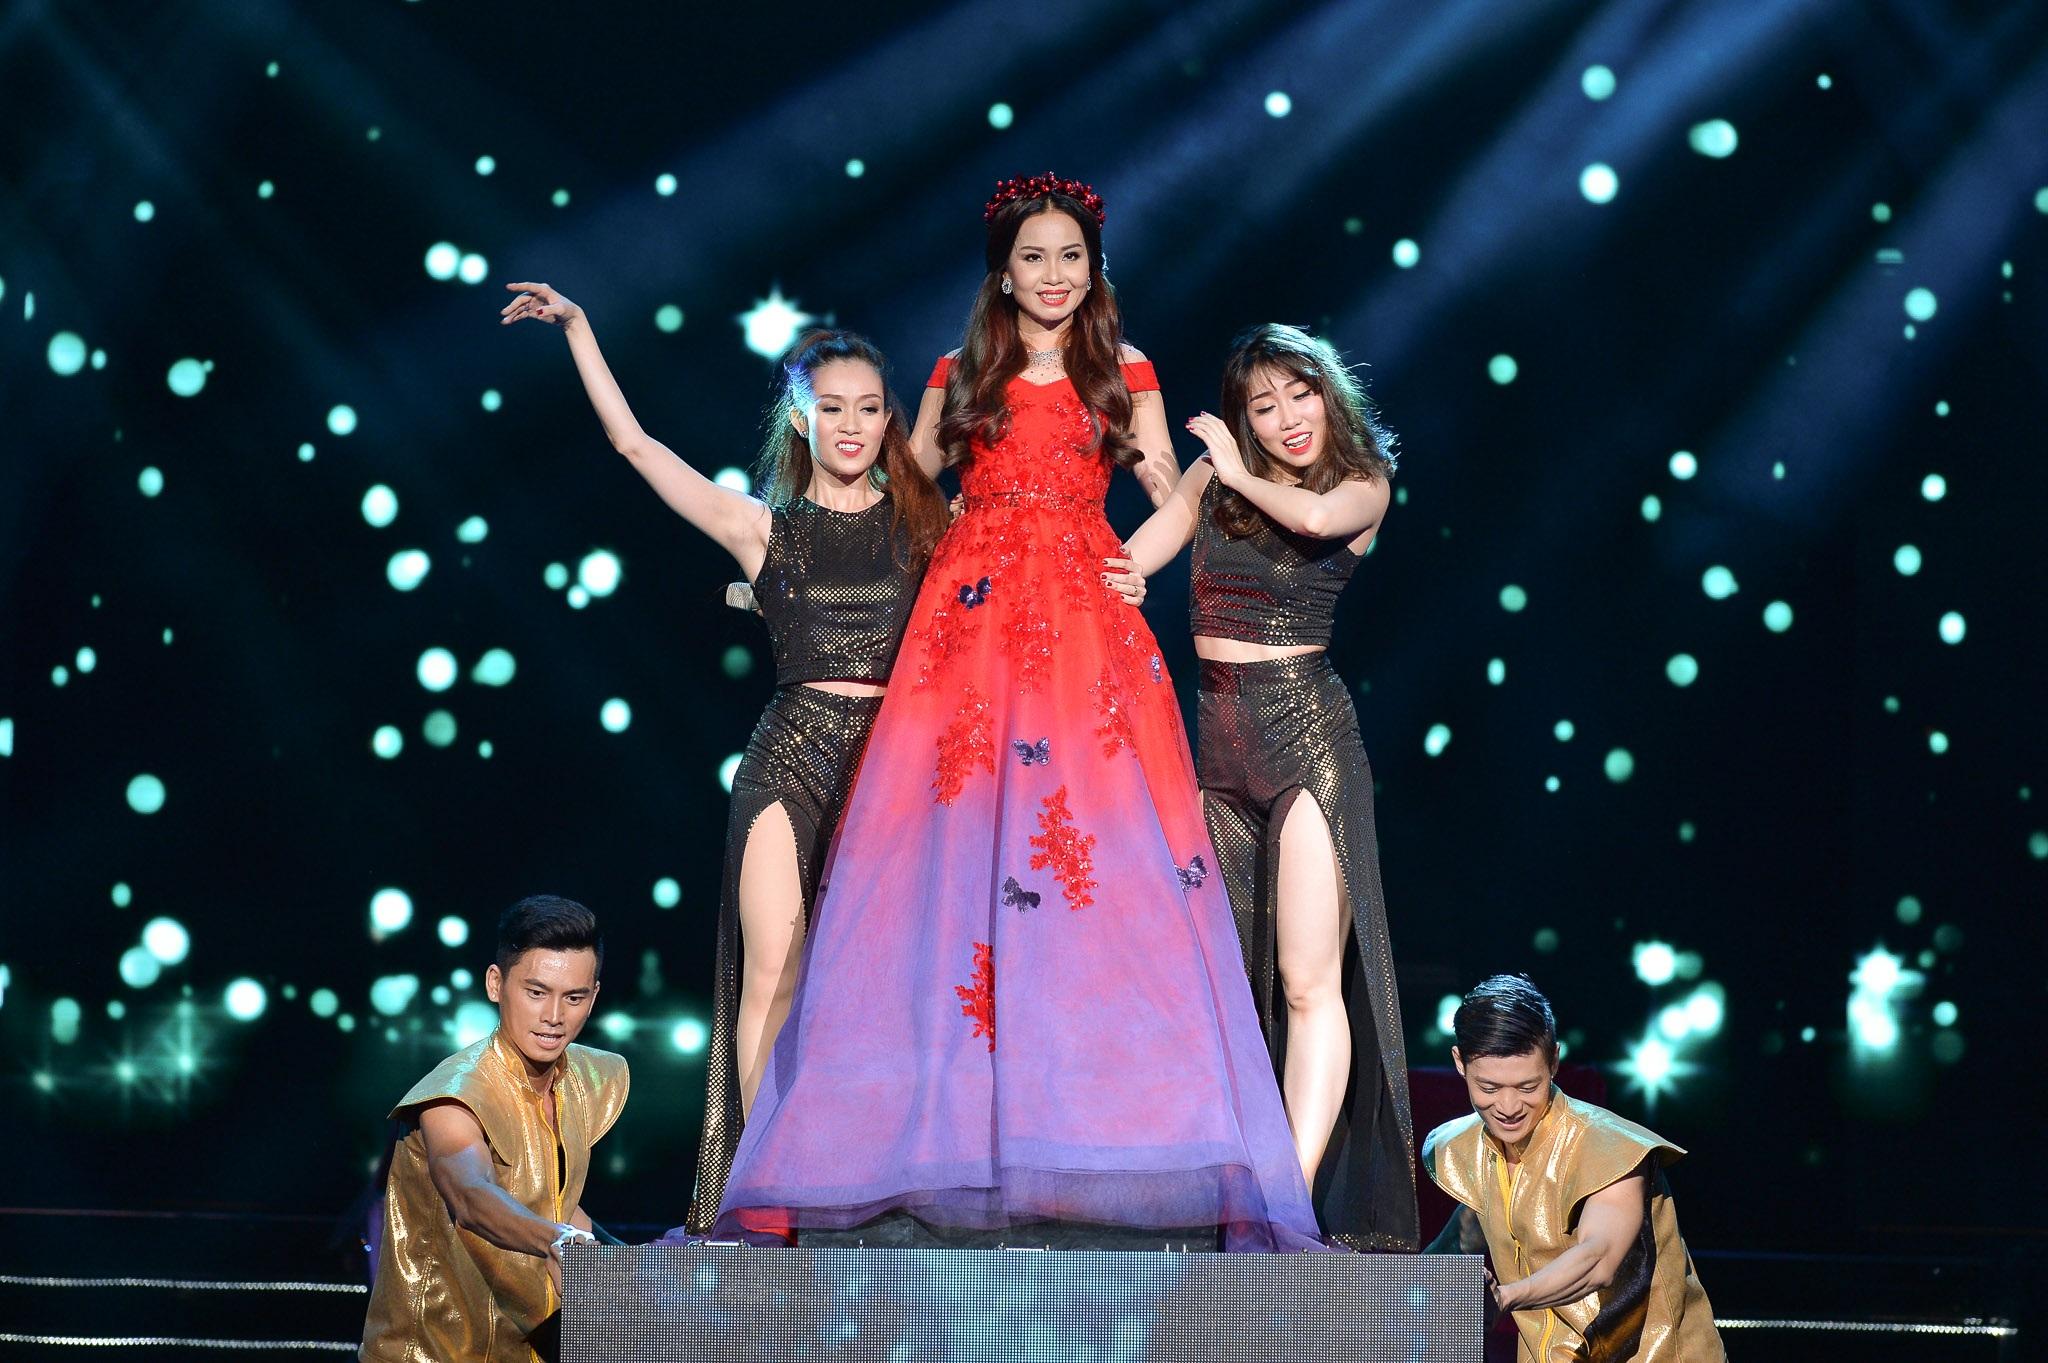 Cẩm Ly xuất hiện ấn tượng ở tiết mục mở màn với phần thể hiện những ca khúc nhạc trẻ.